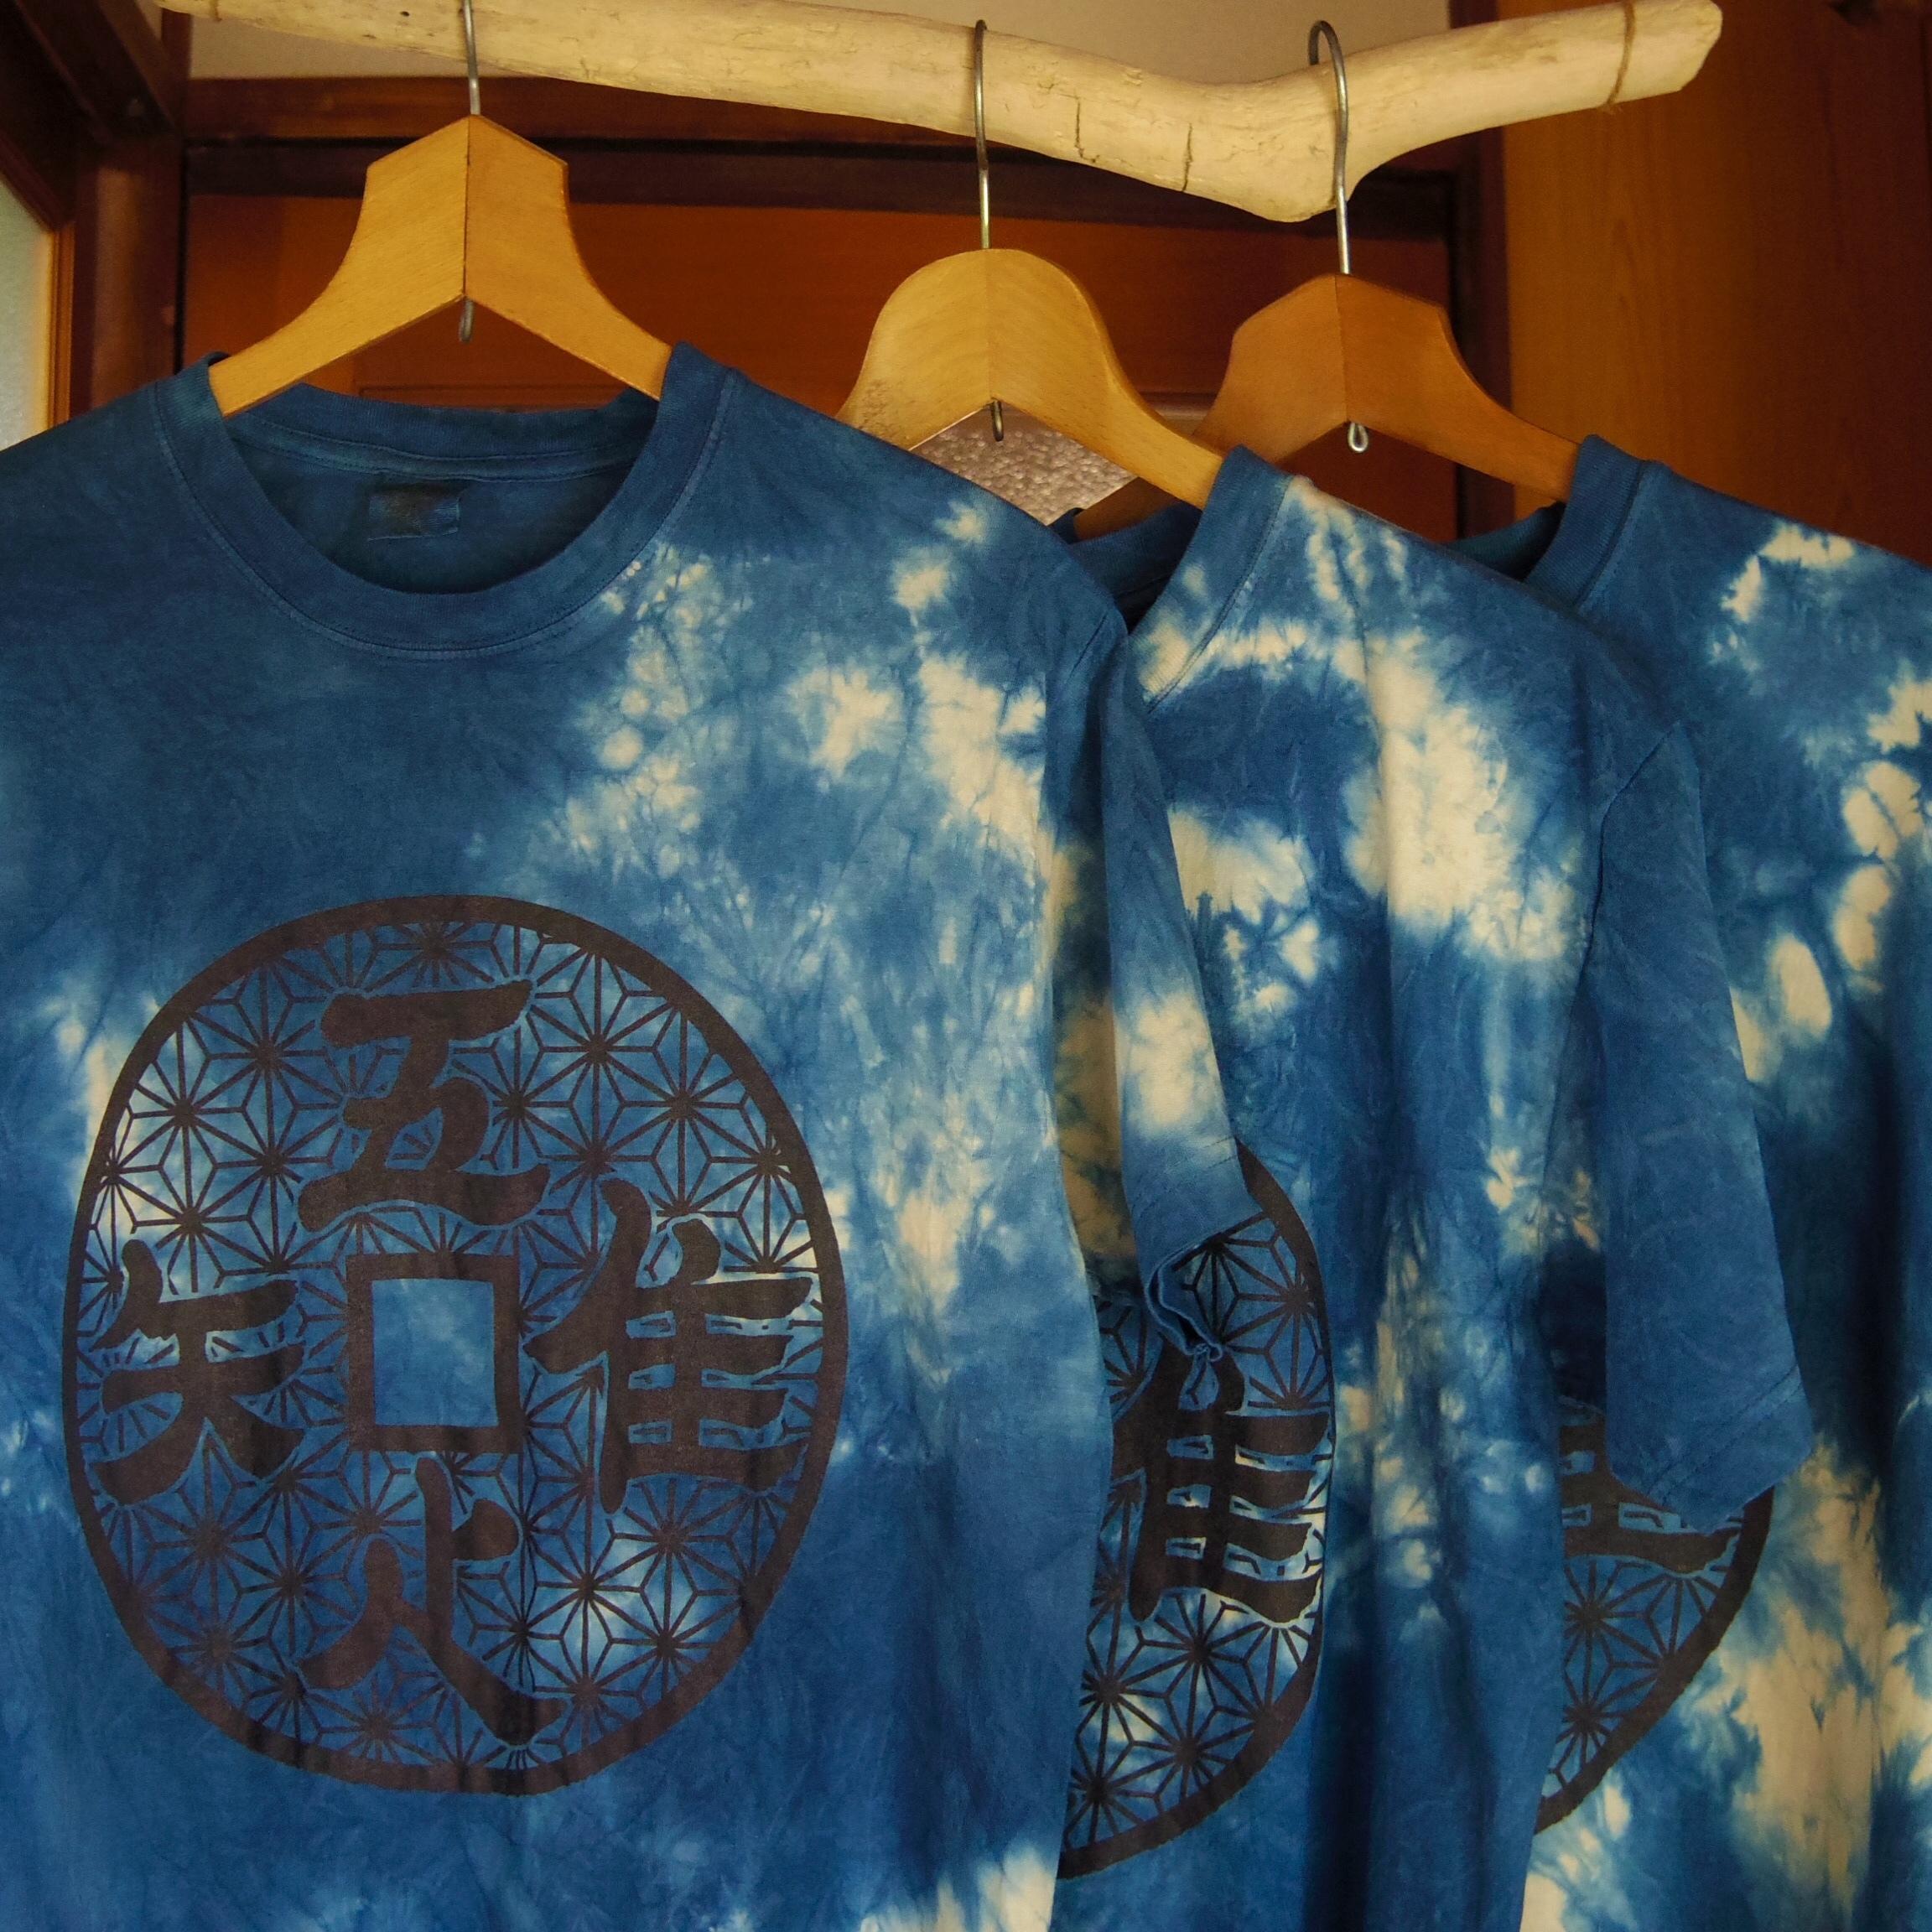 『吾唯足知×麻柄』藍染×柿渋 斑染め オーガニックコットンTシャツ M〜XL